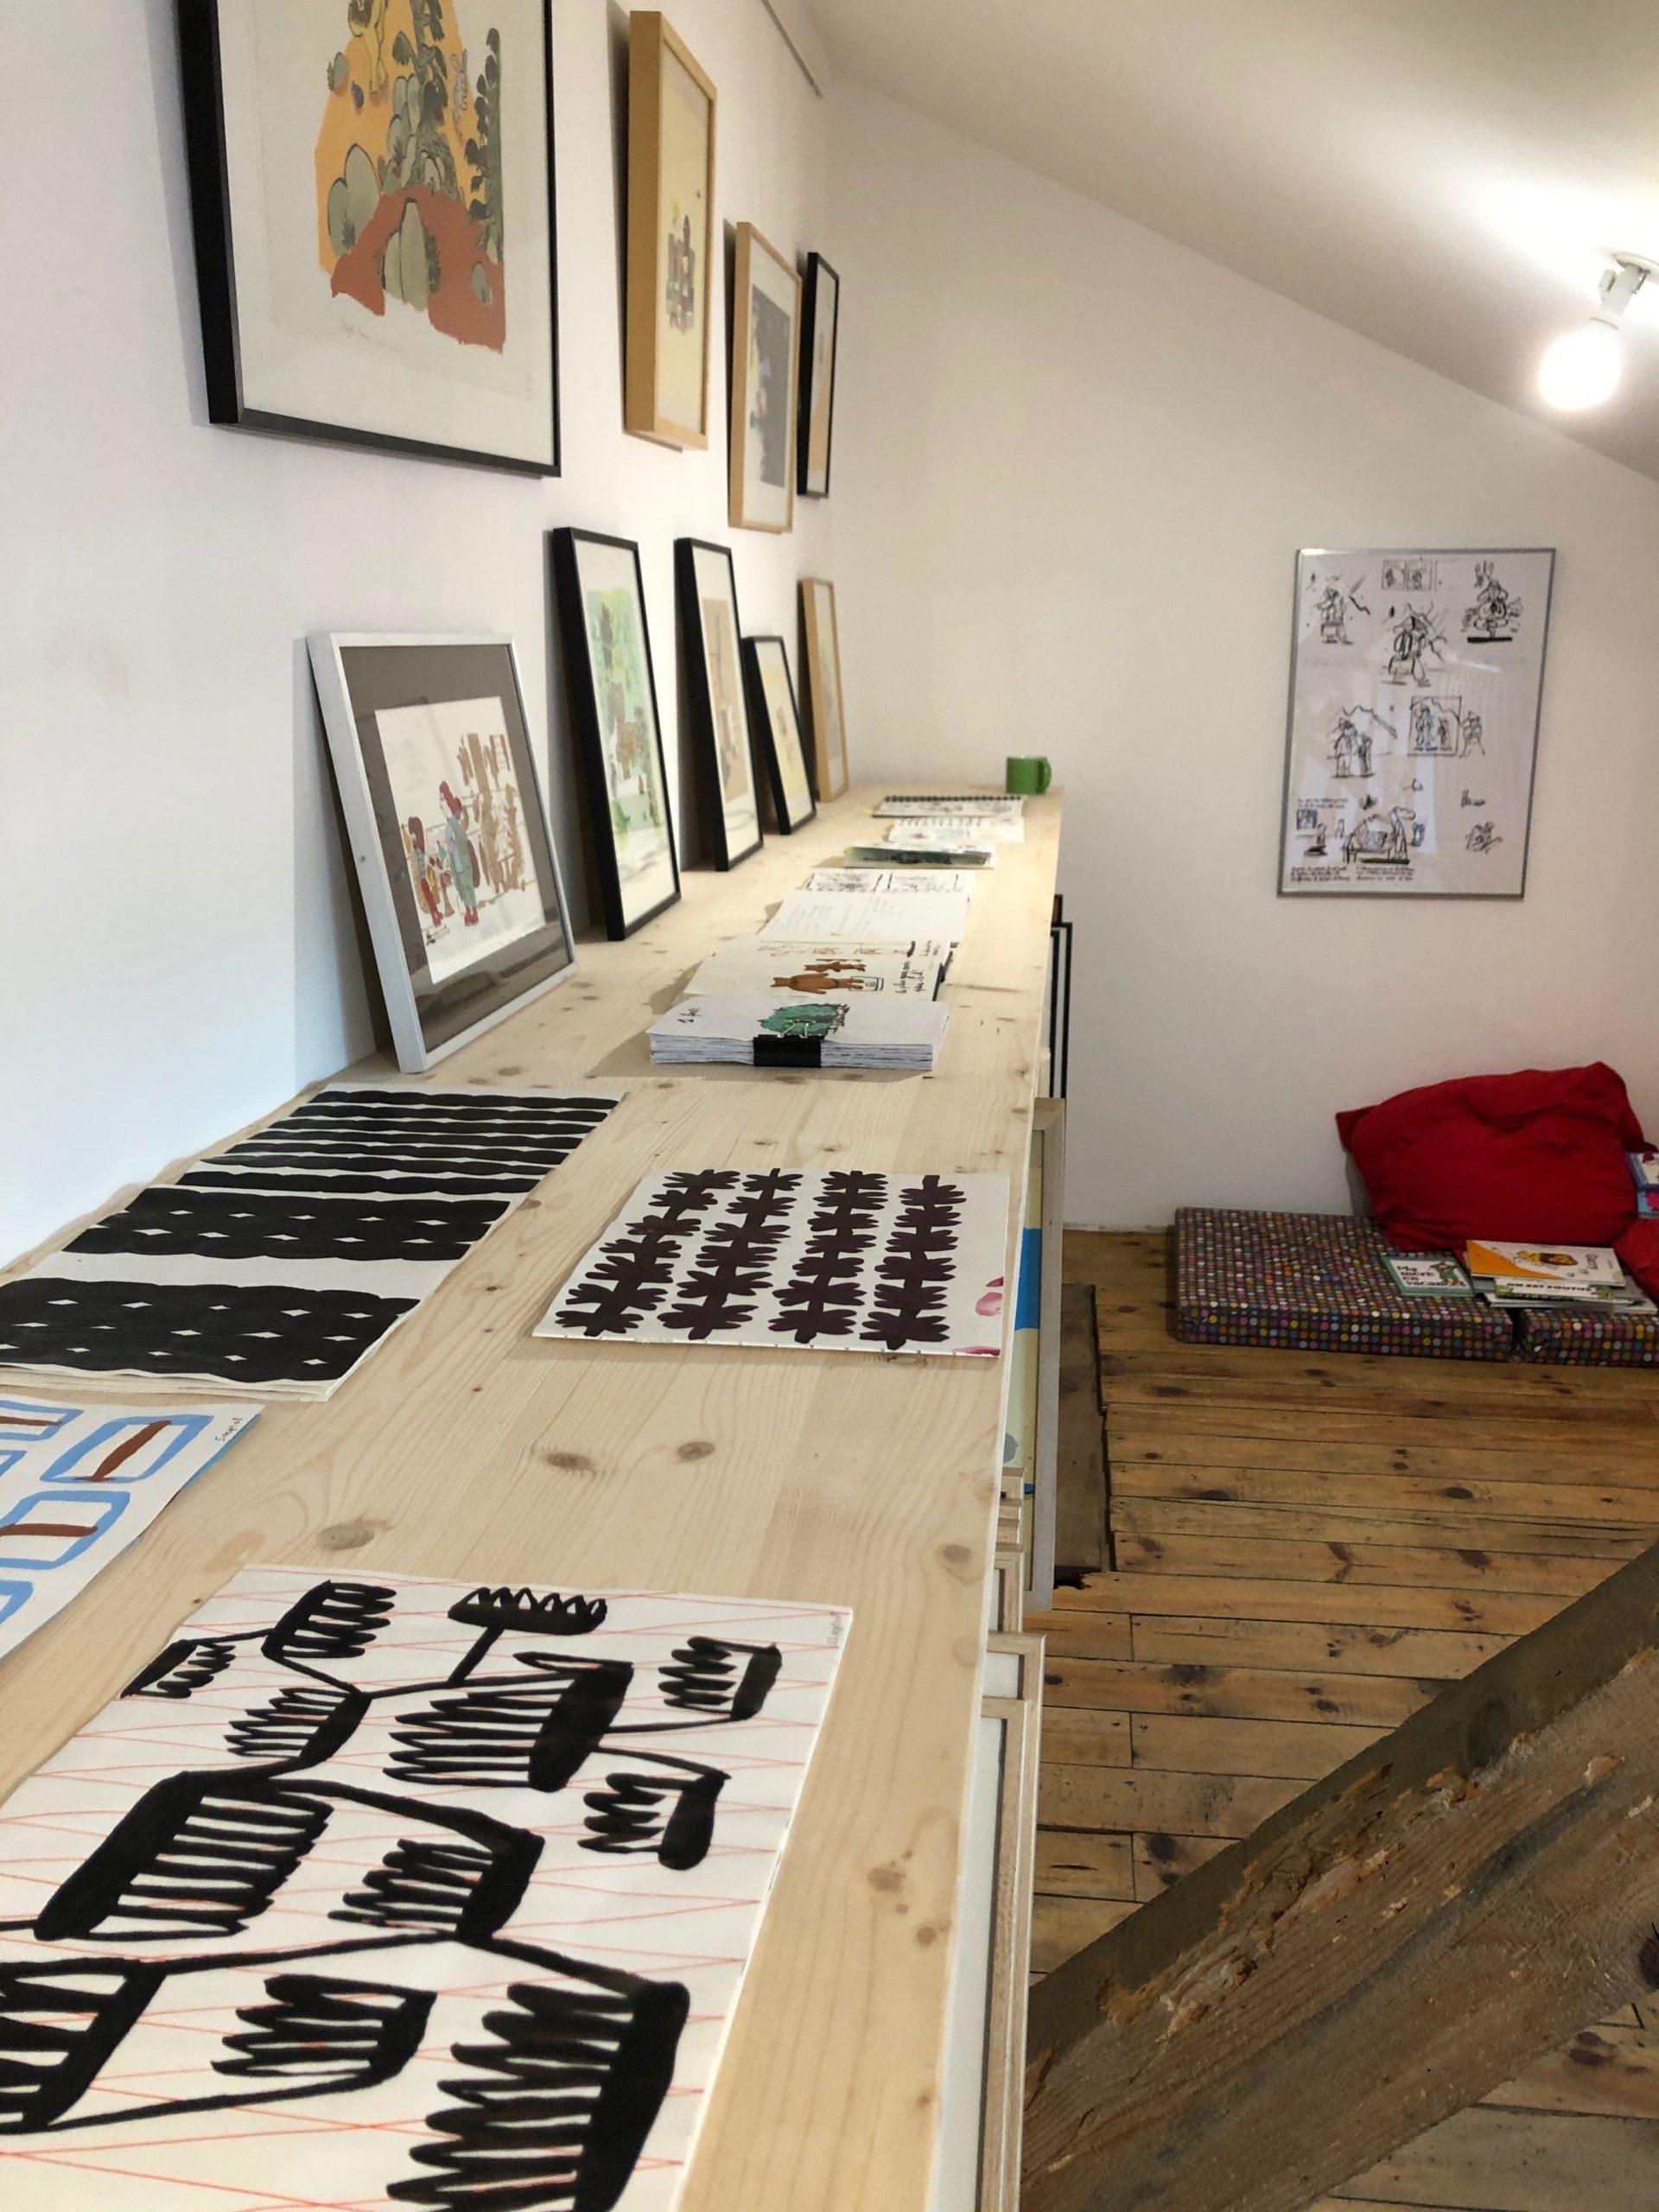 Magali Bardos photos atelier motifs carnet de recherches noir et blanc trait de pinceau illustation exposition cadres coin lecture portes ouvertes